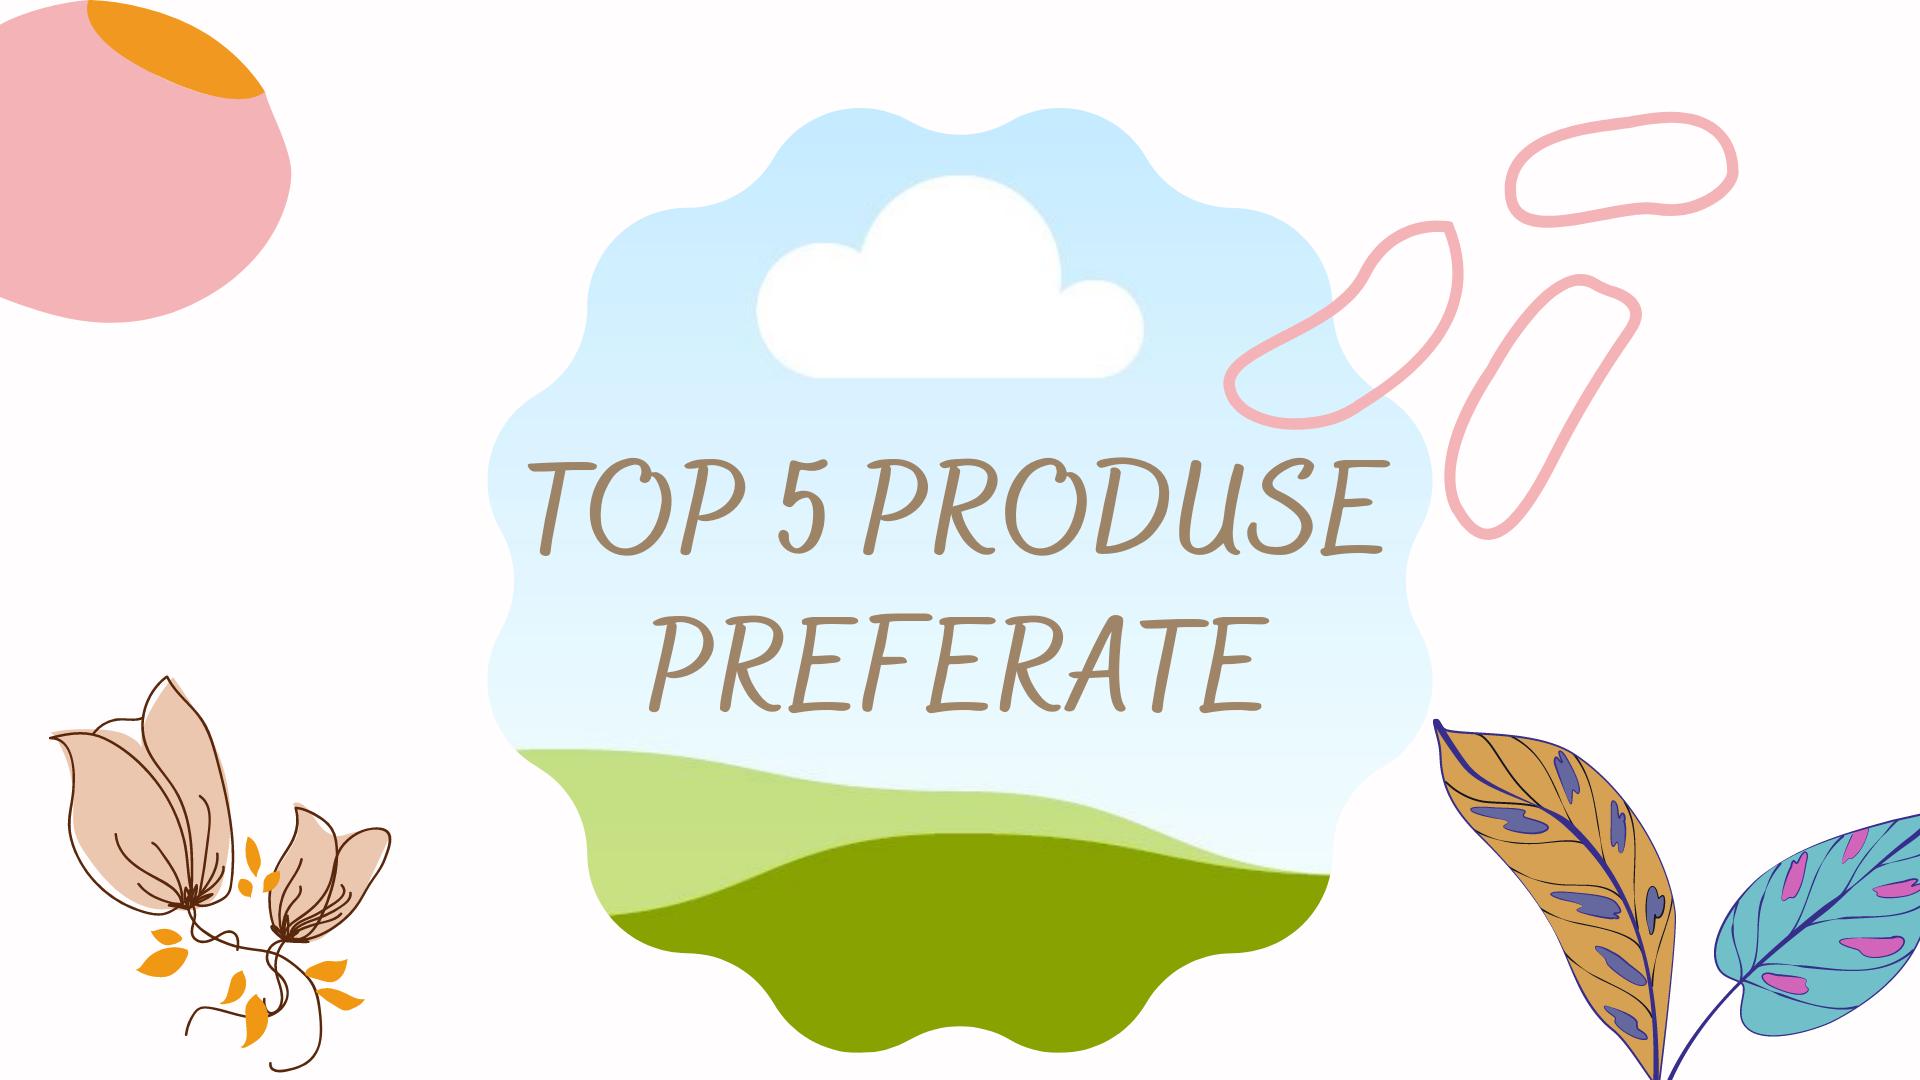 Top 5 produse preferate – sprâncene